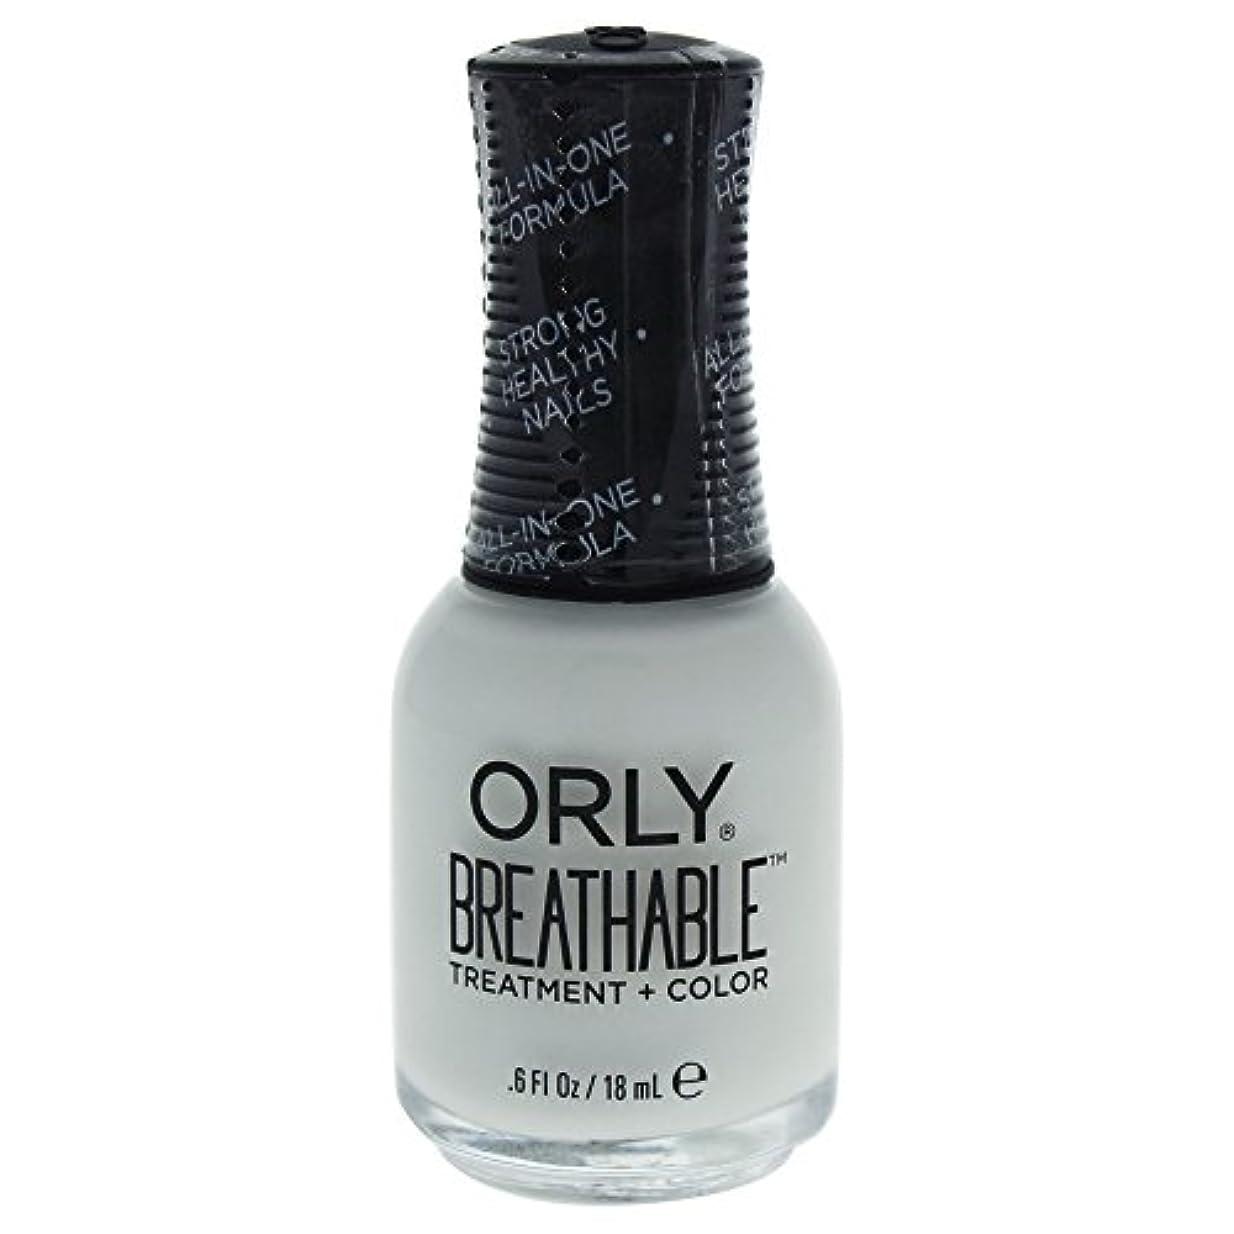 乳製品パテチャットOrly Breathable Treatment + Color Nail Lacquer - White Tips - 0.6oz / 18ml